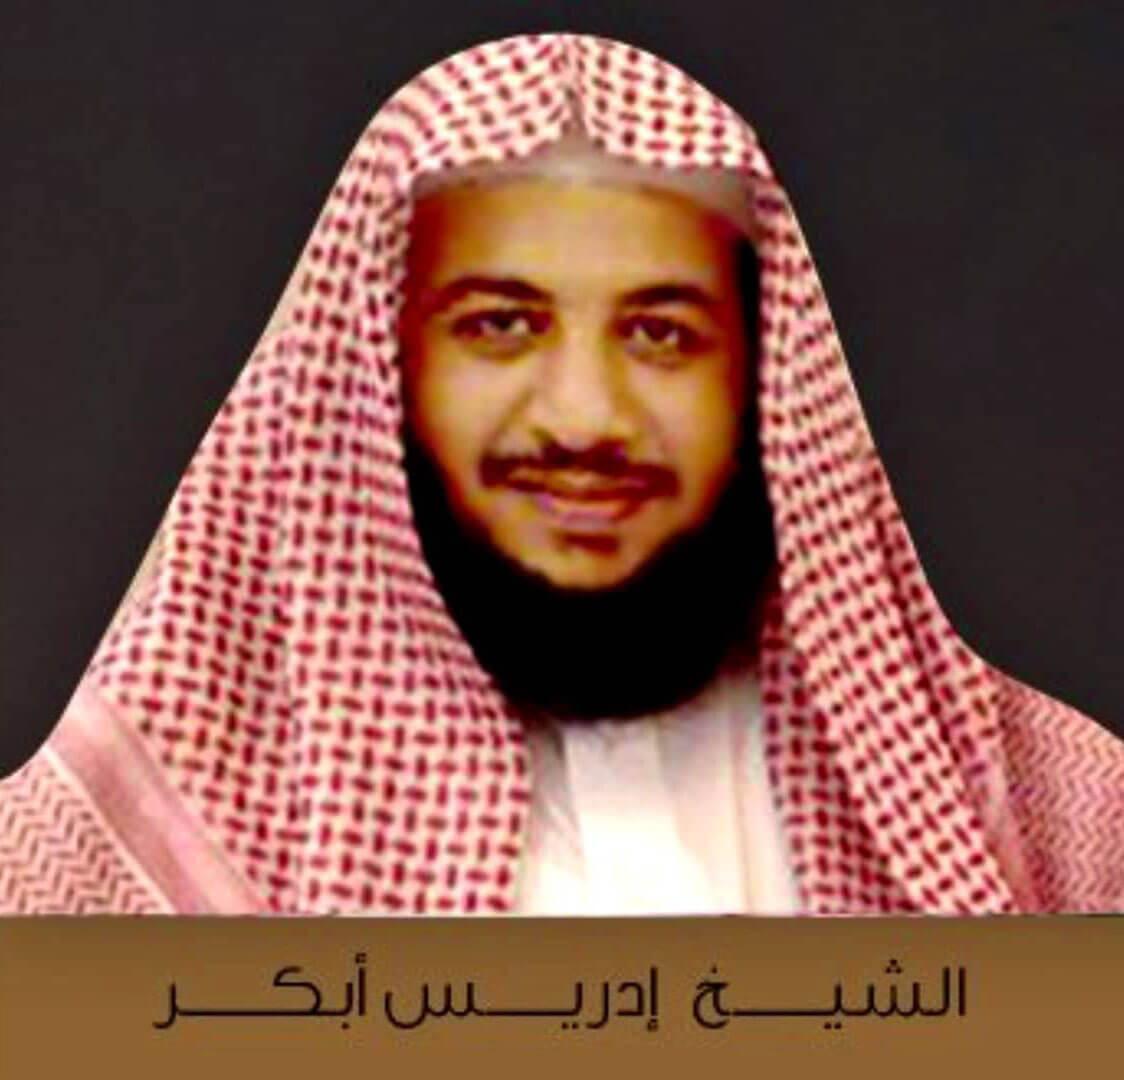 تحميل القران الكريم ادريس ابكر mp3 برابط واحد